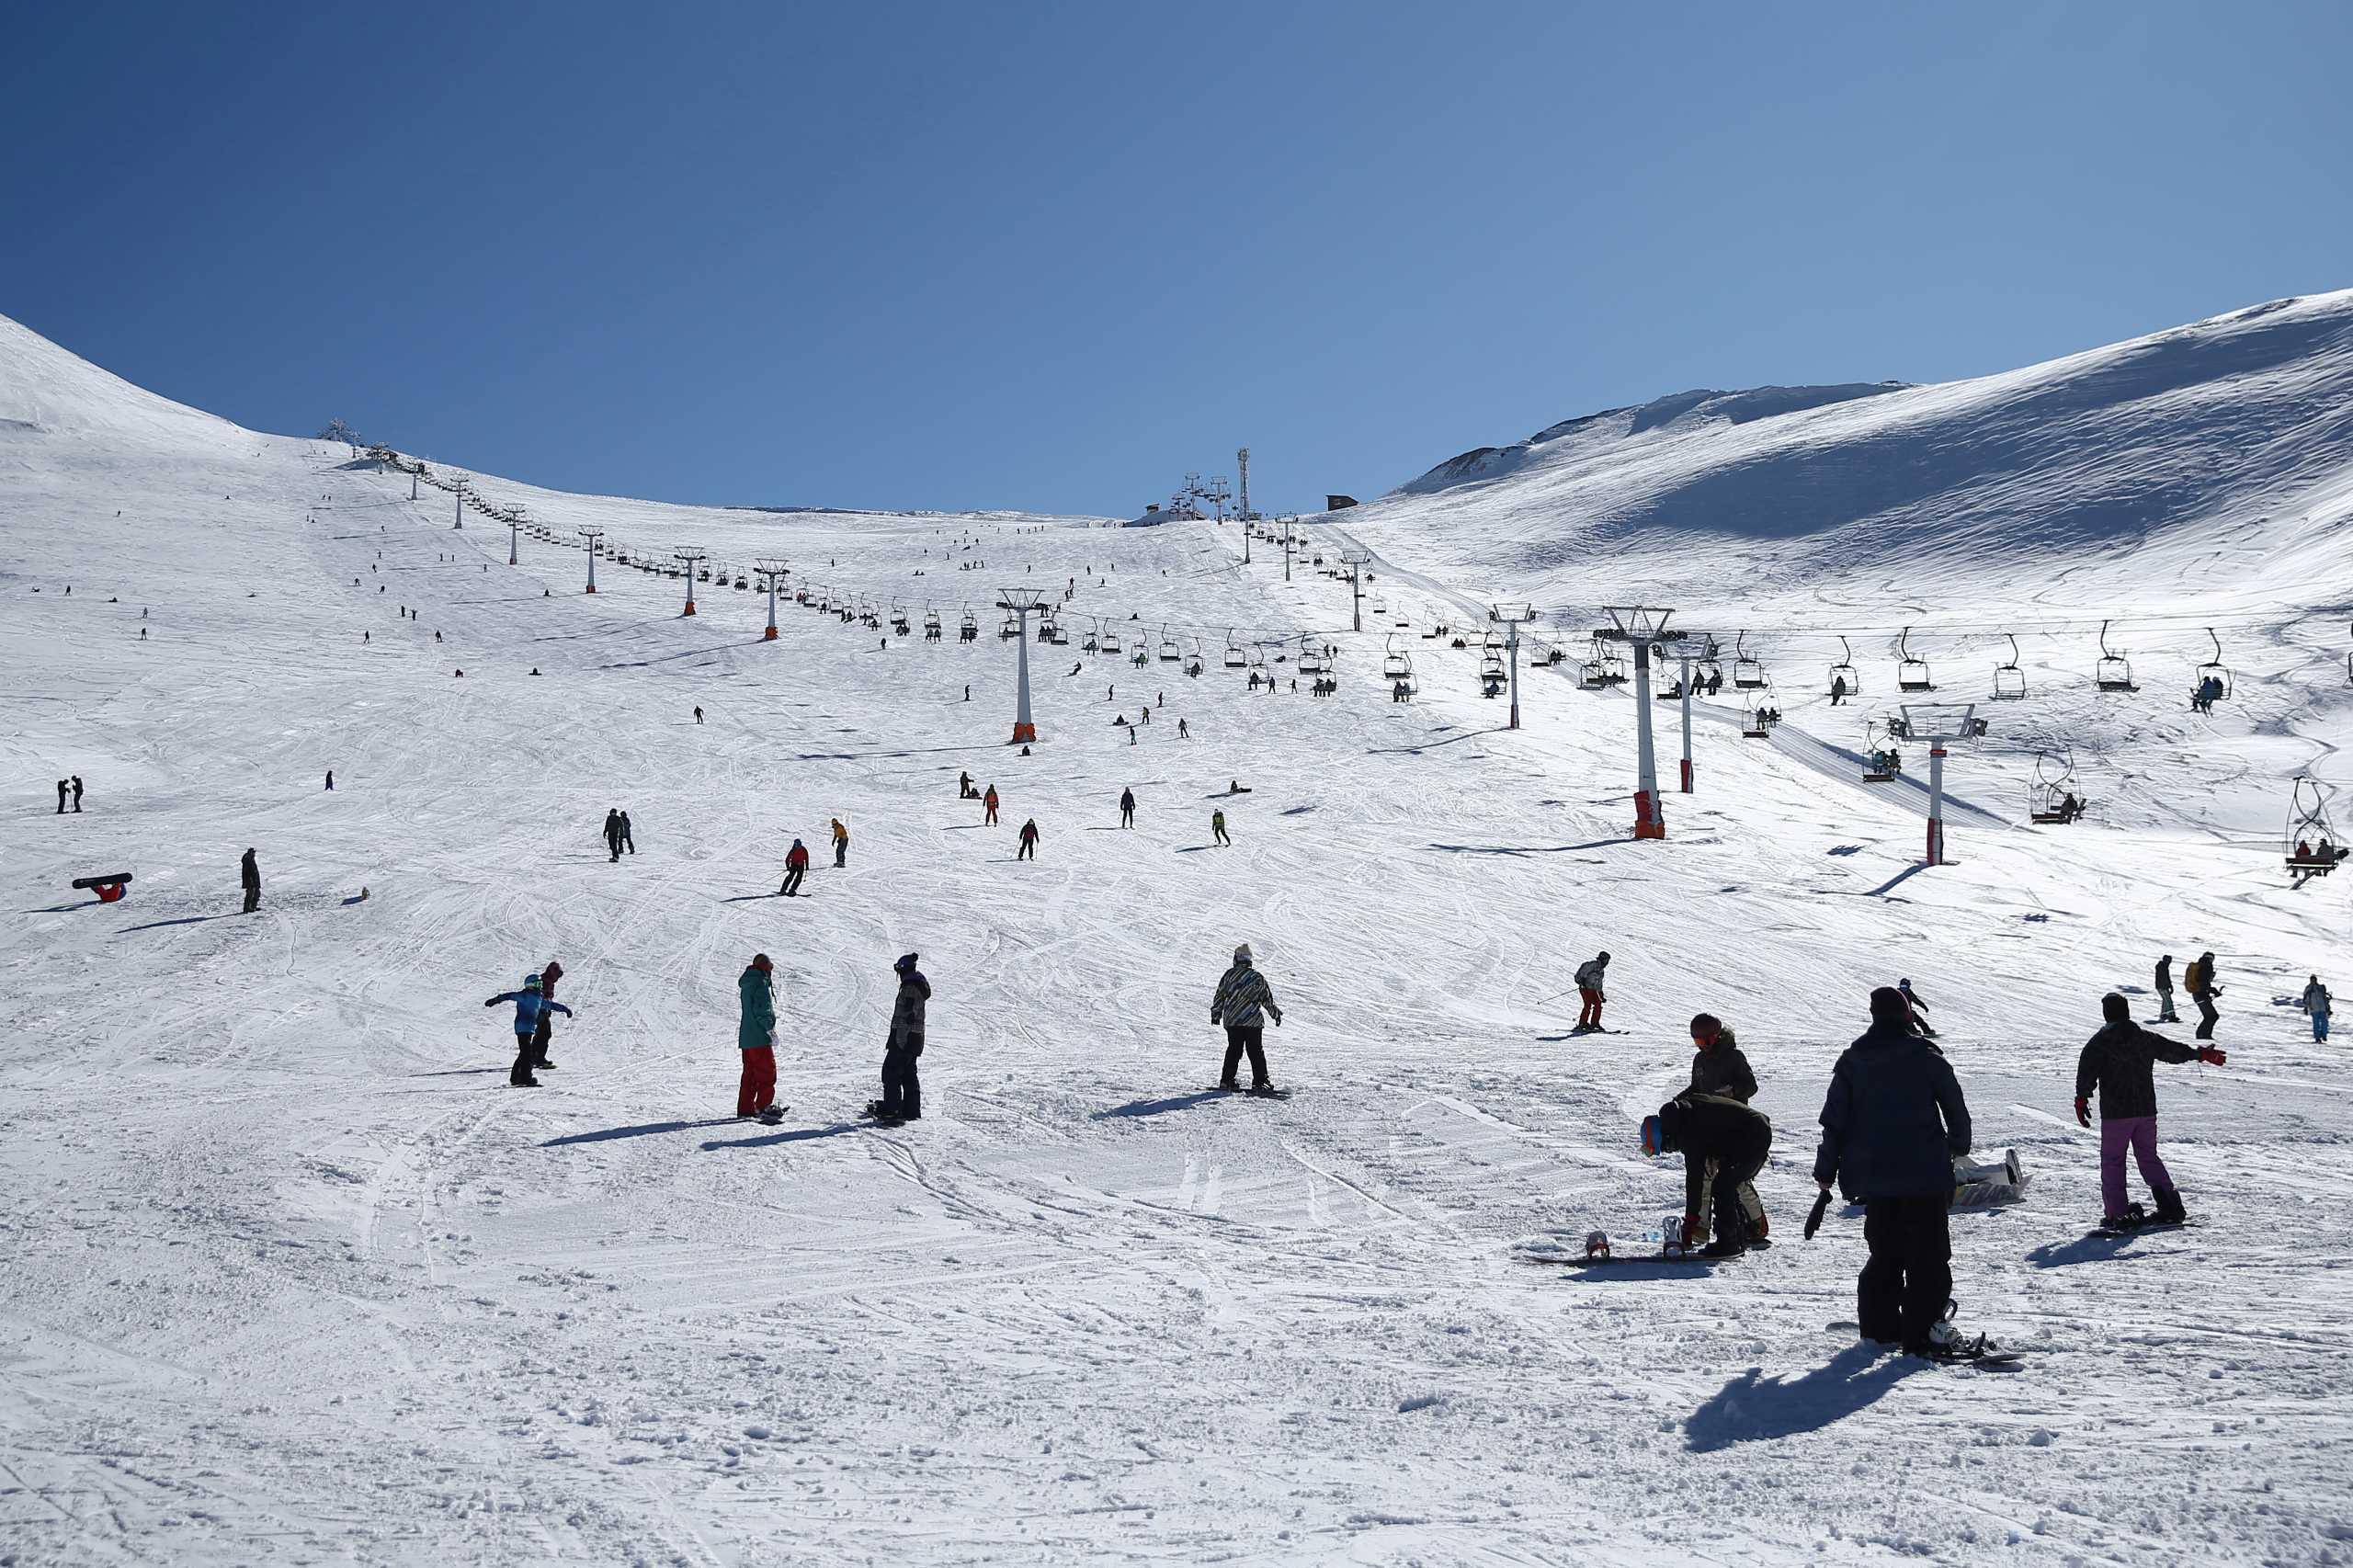 Ιράν: Τουλάχιστον 8 ορειβάτες σκοτώθηκαν και 12 αγνοούνται λόγω χιονοθύελλας